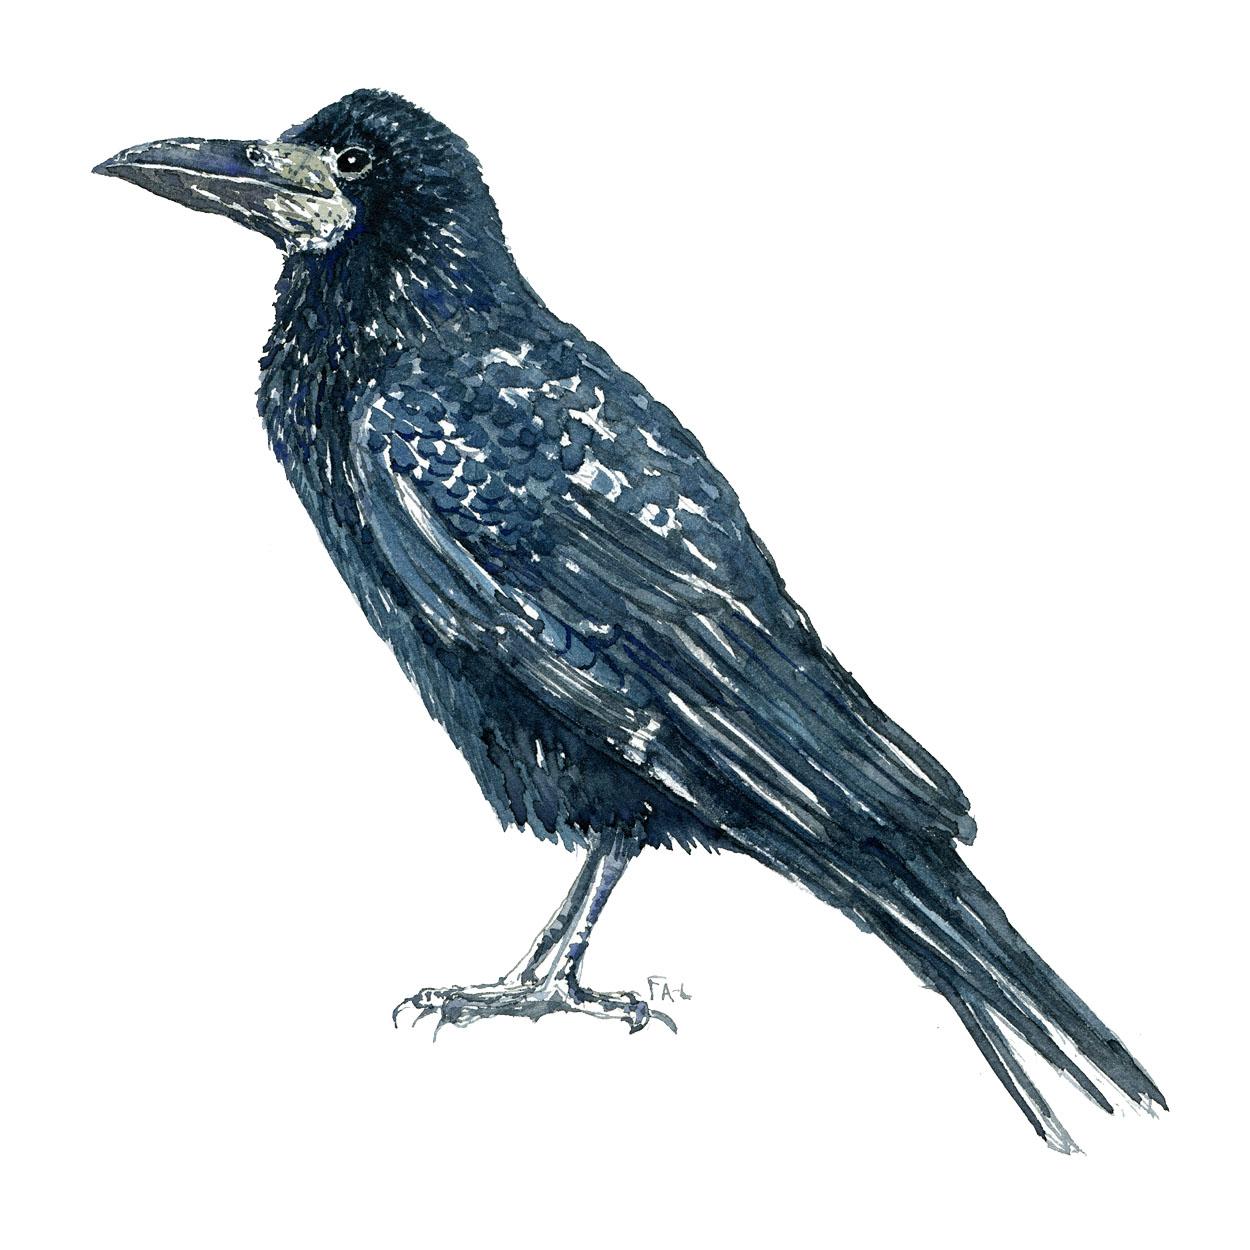 Råge fugl, akvarel af Frits Ahlefeldt biodiversitet i Danmark